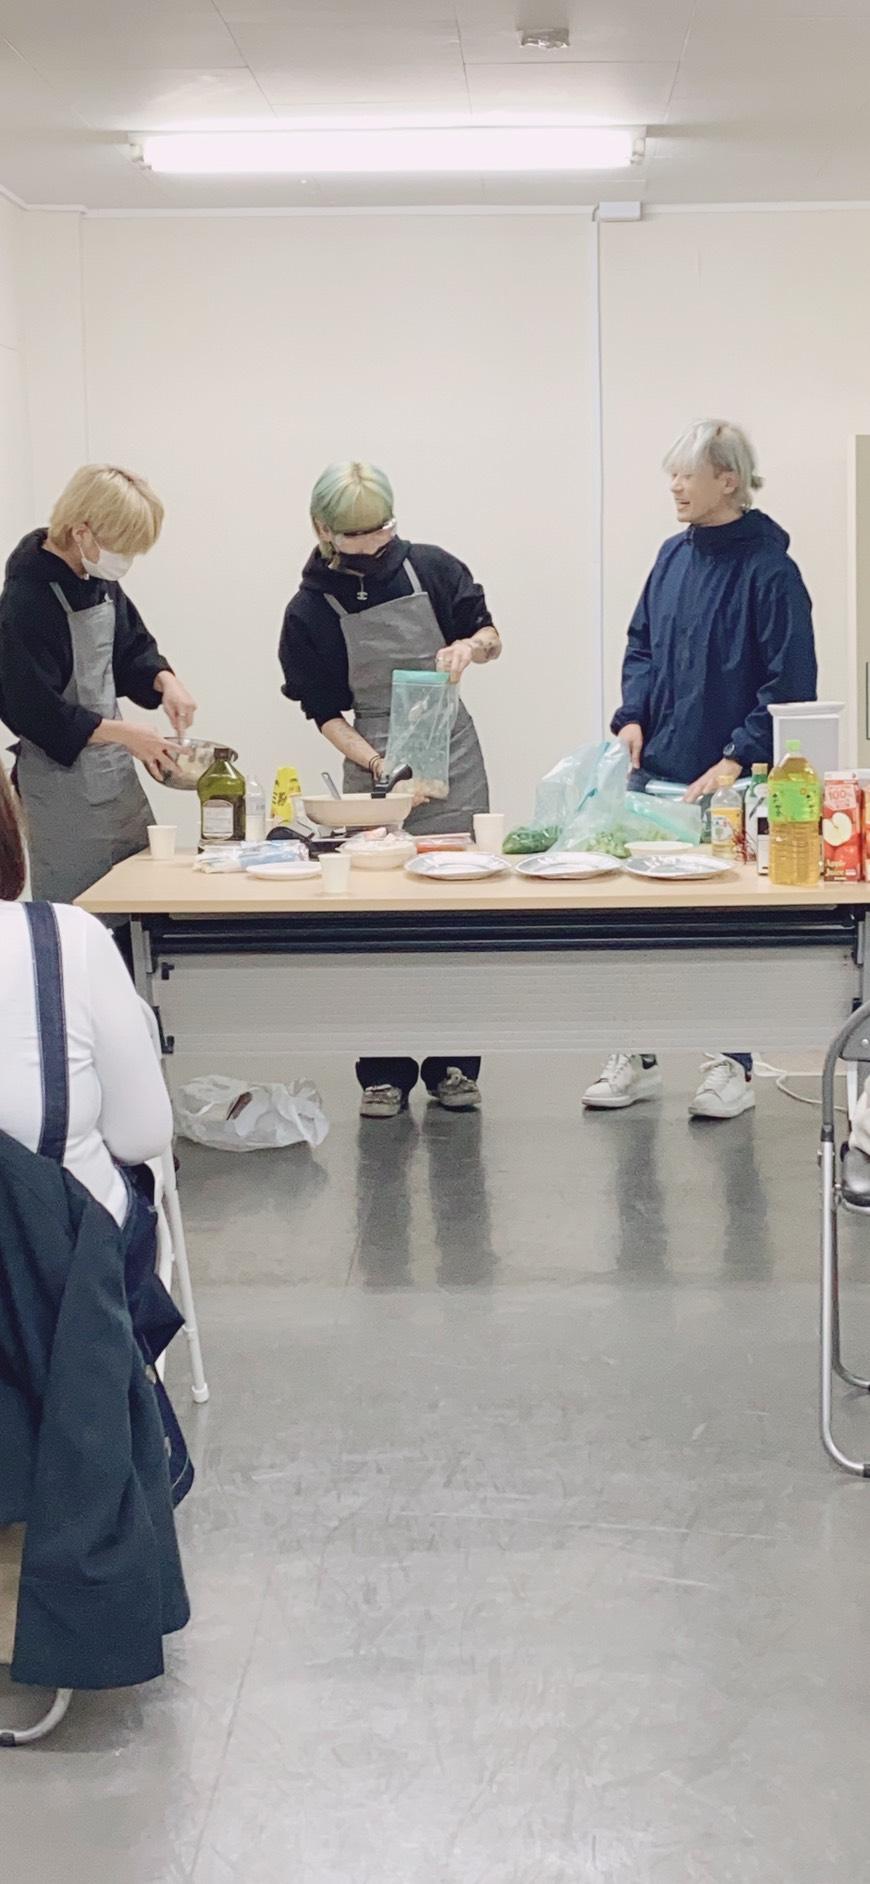 12月4日(金)Boss Fanmeeting at Fancy Studio (Kobe) / 12人限定♪